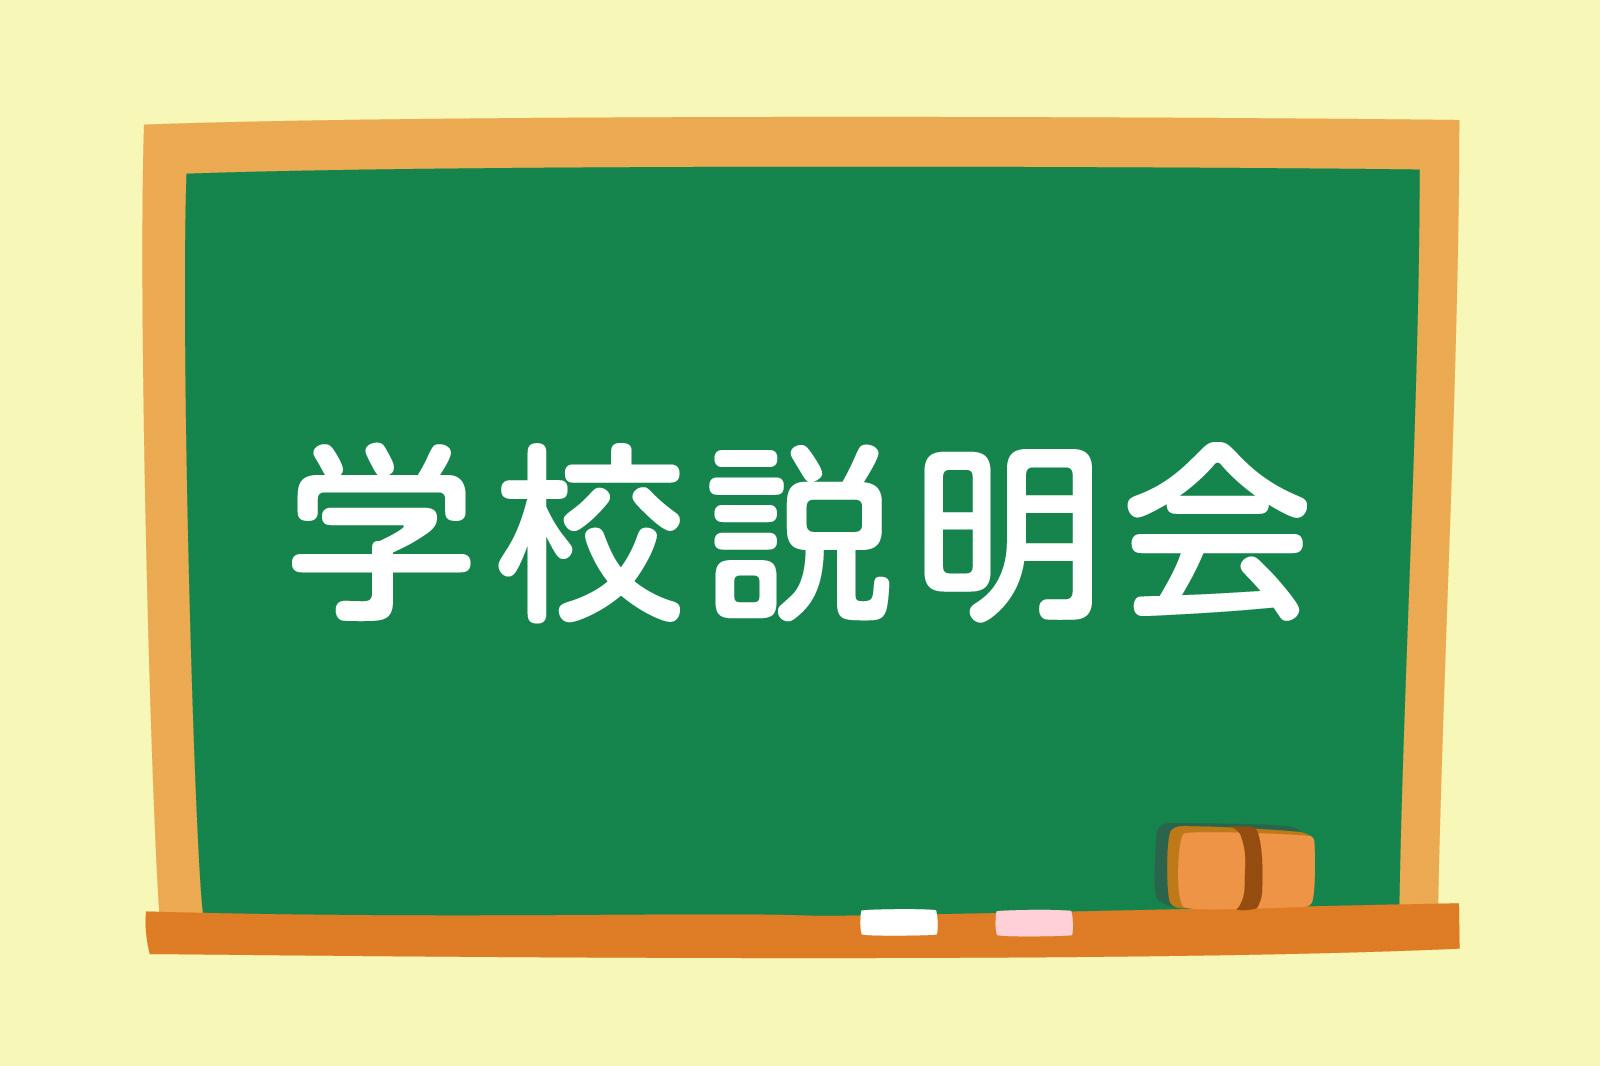 出張ミニ説明会 【天王寺会場】・・・大谷中学校 5/14